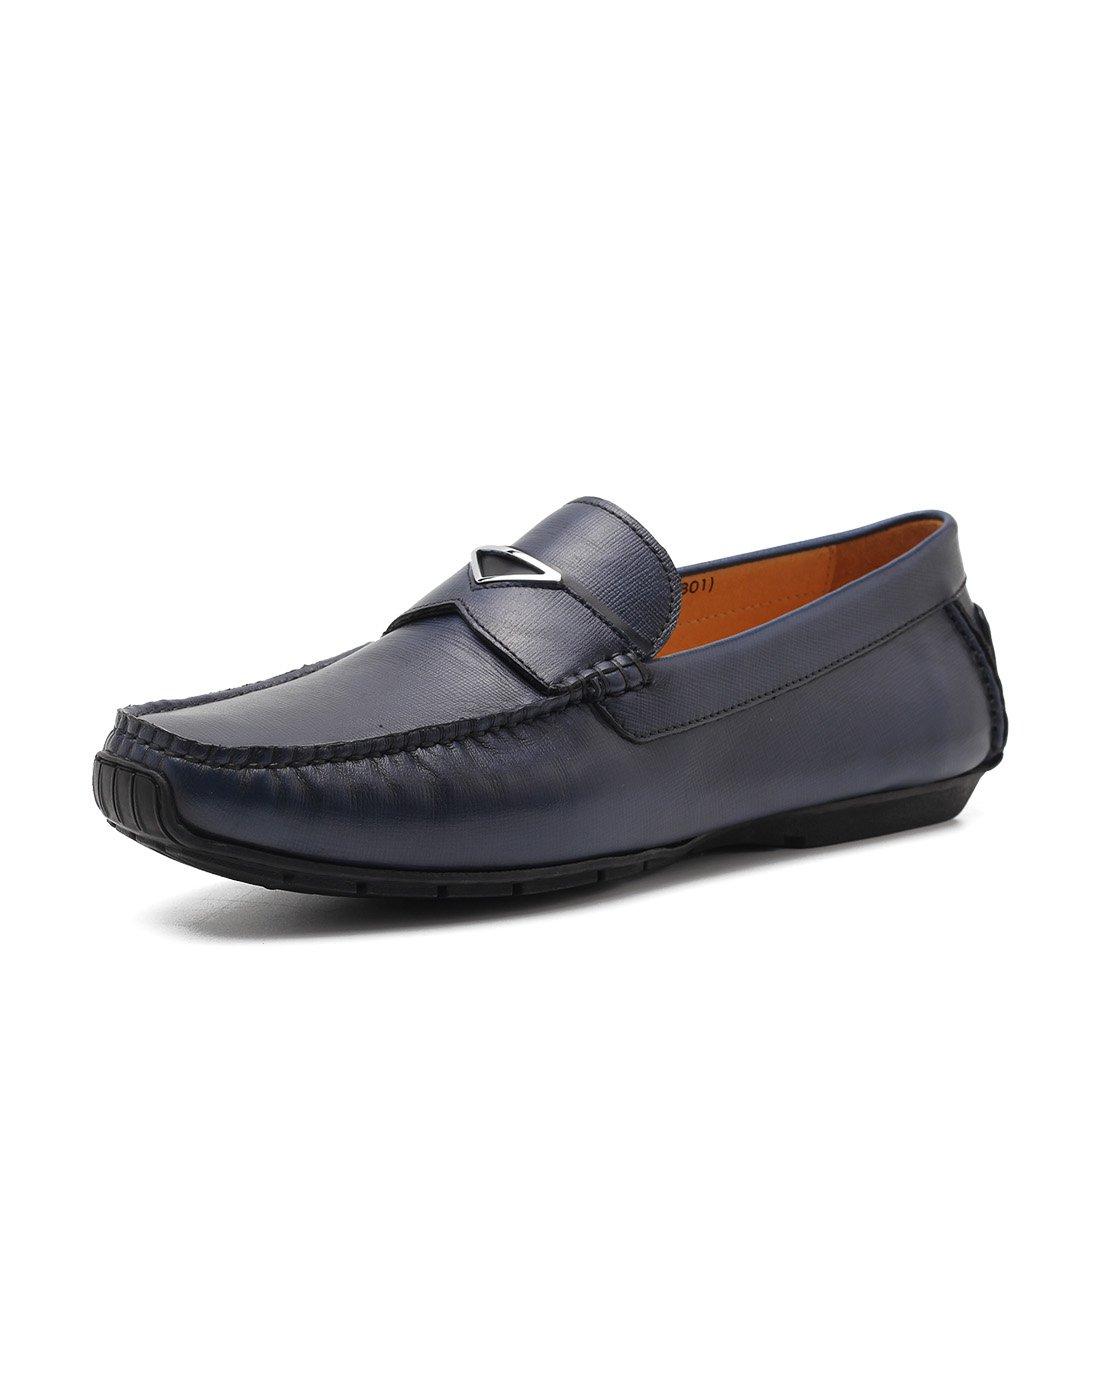 都彭都彭 男士舒适套脚牛皮开车鞋乐褔鞋休闲鞋男鞋G22240920801